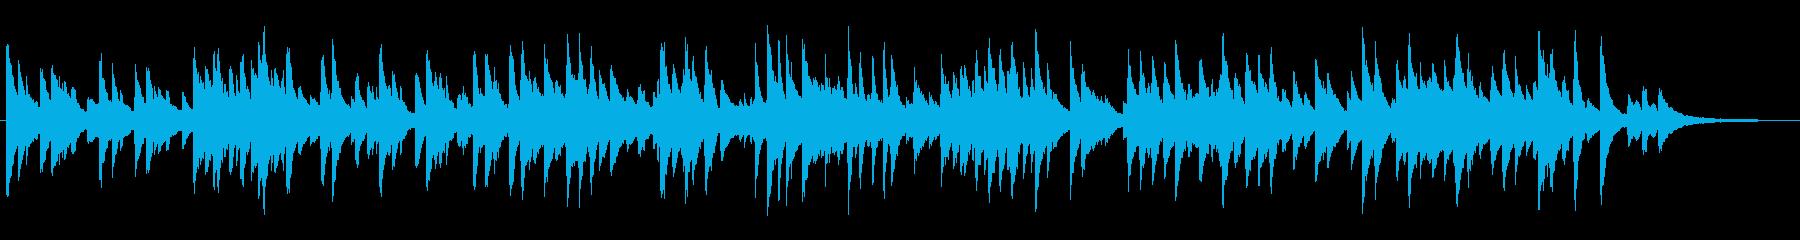 心地よいテンポのジャズラウンジピアノソロの再生済みの波形